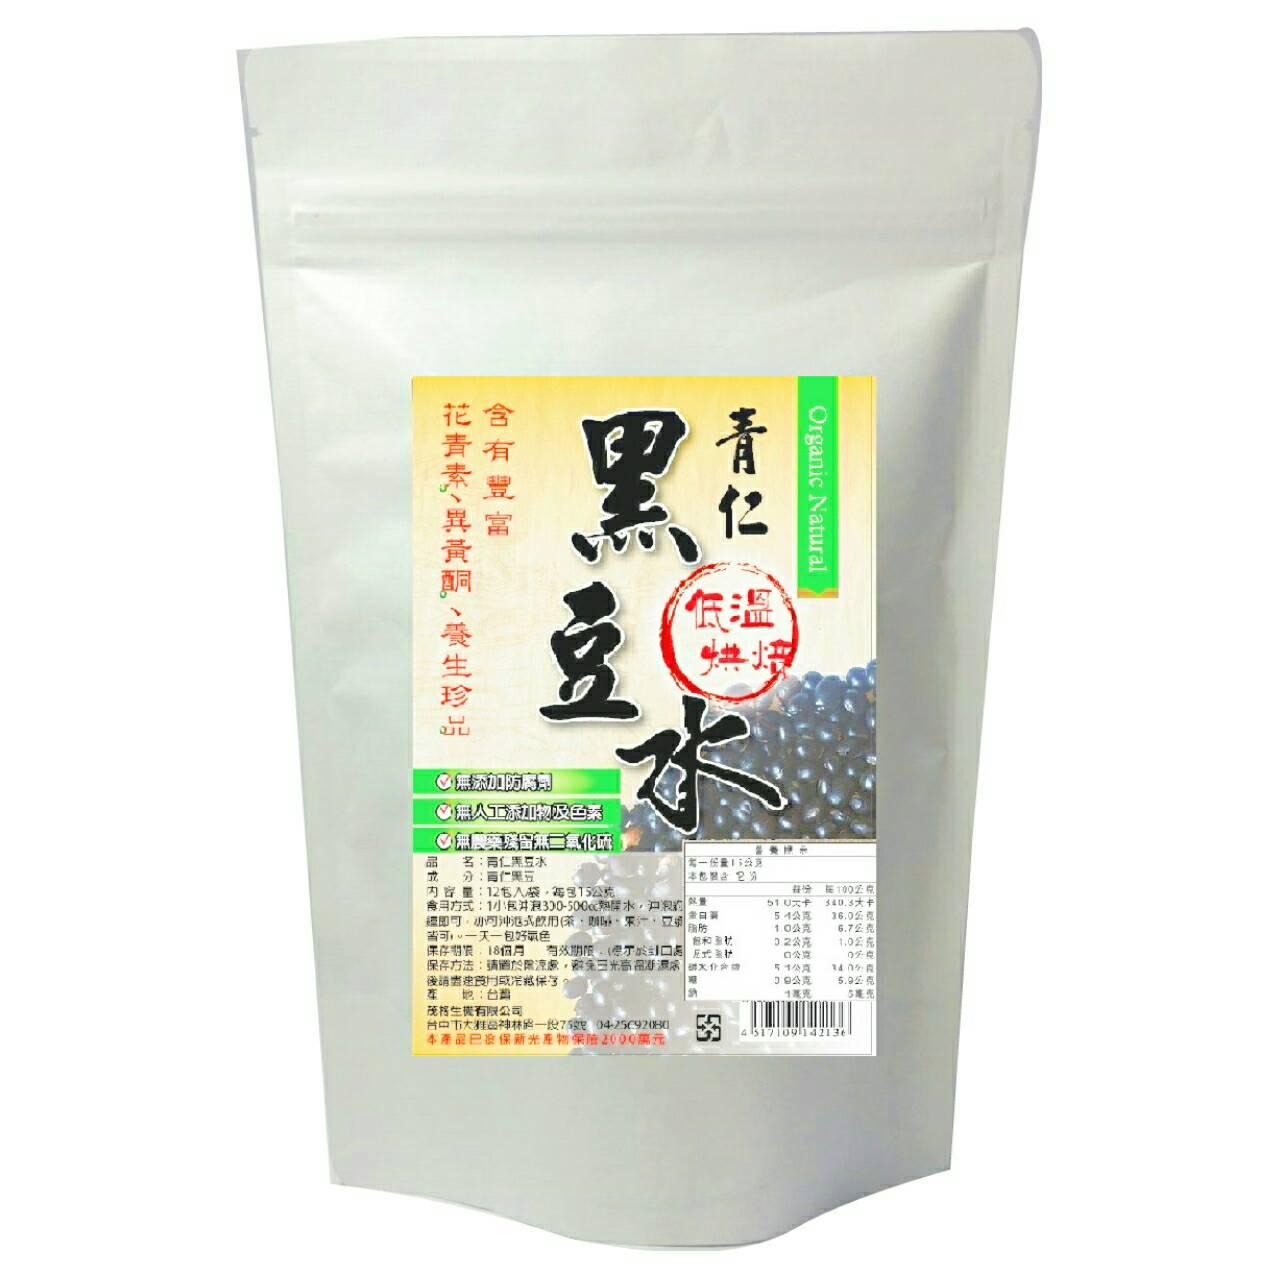 【清新自在】青仁黑豆水/180g--特價99元(免運費)